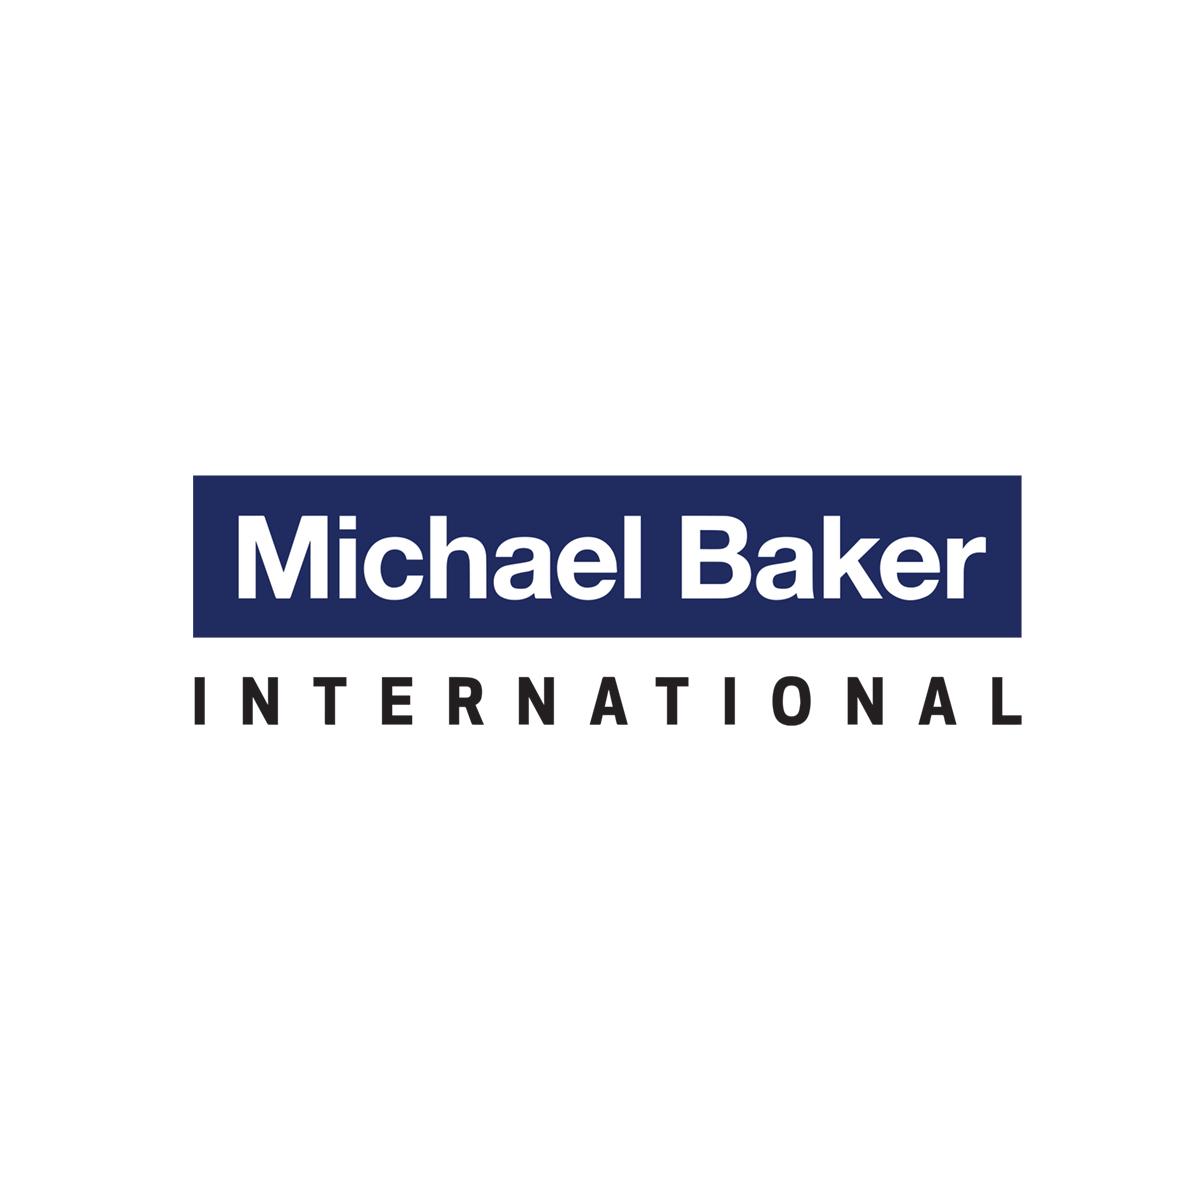 Michael Baker logo .jpg